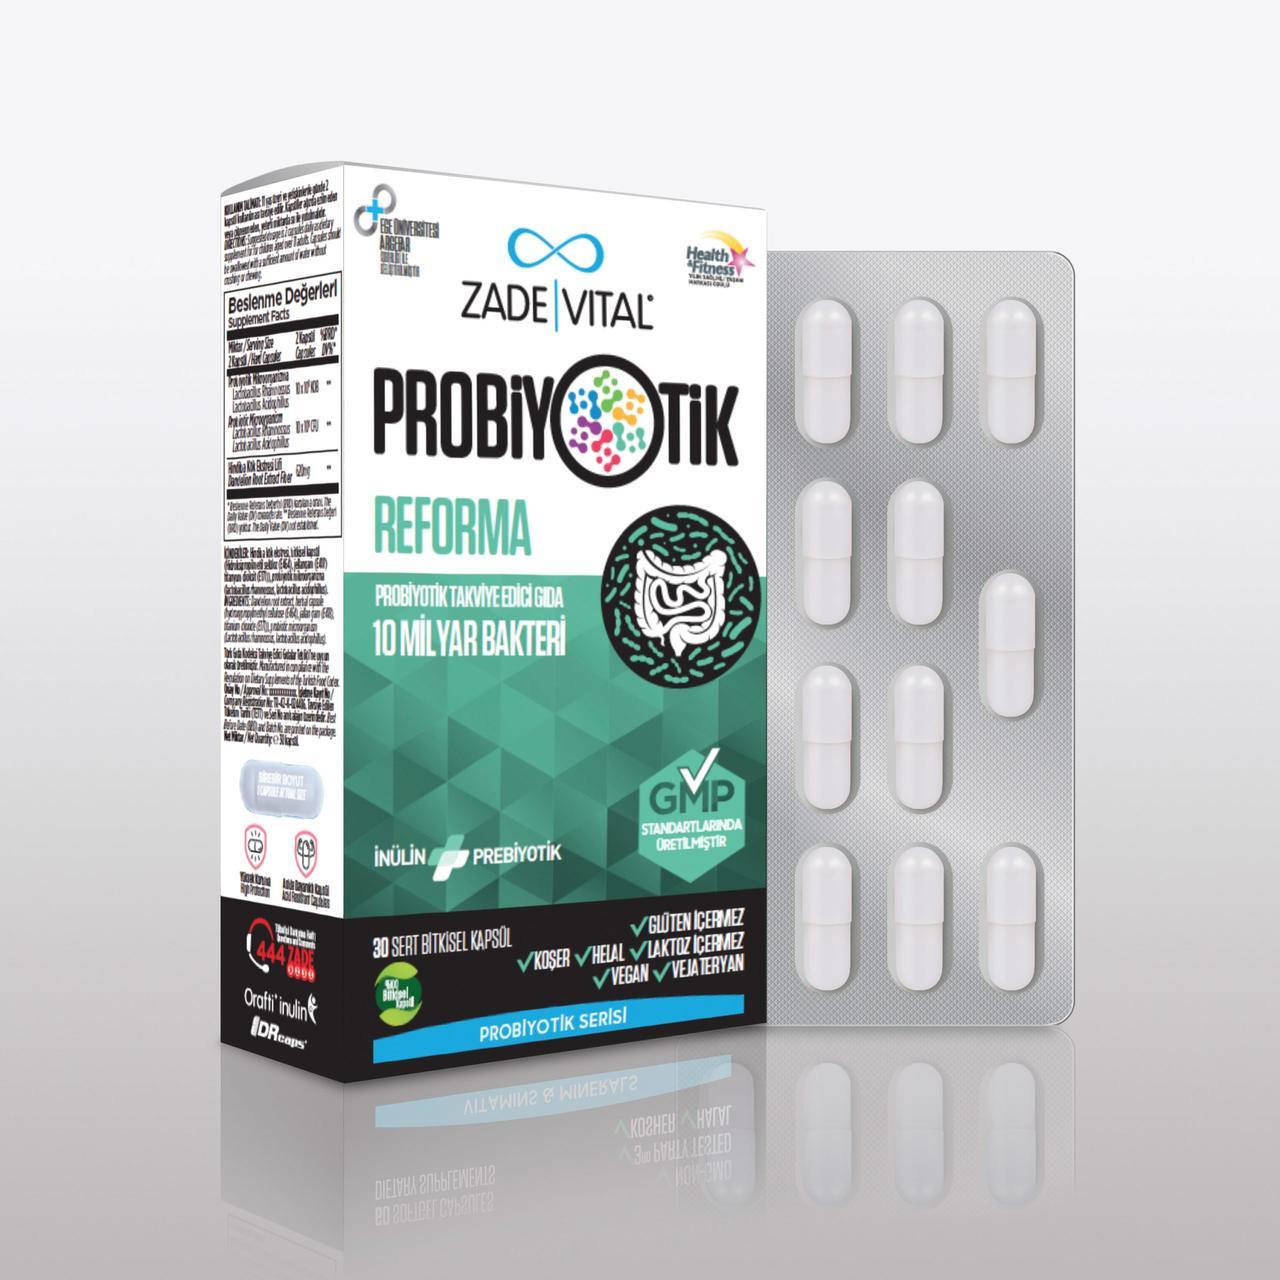 Пробиотики Probiotic Reforma. ZADE VITAL